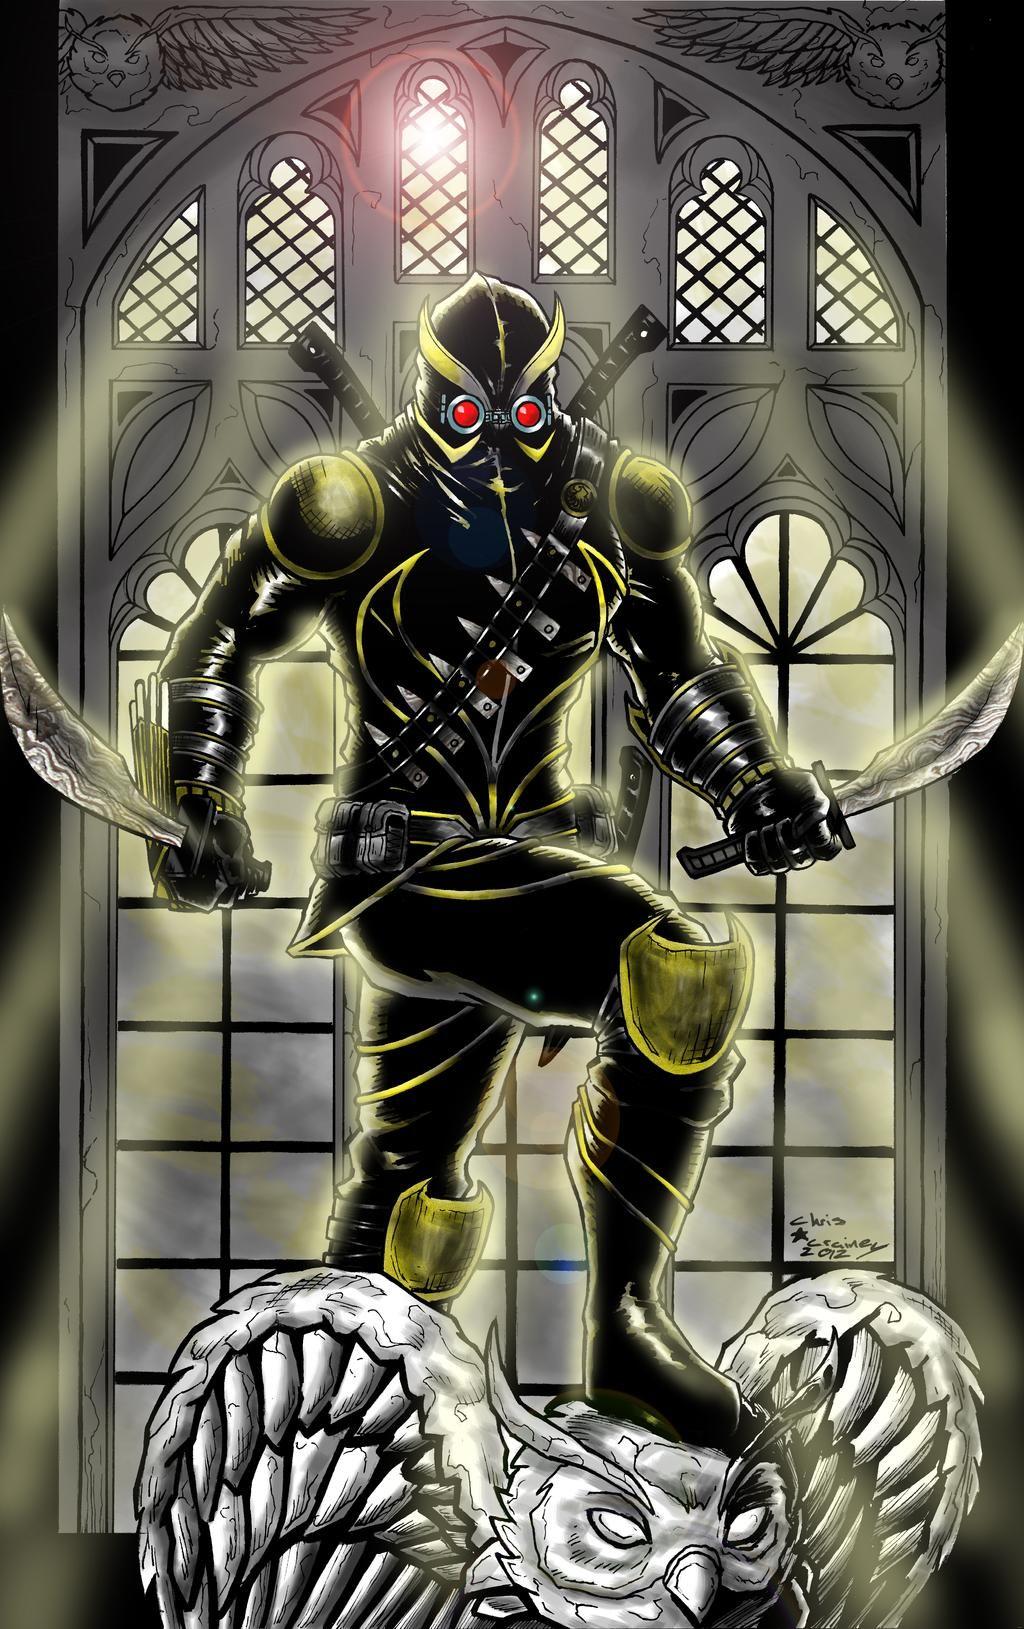 Talon By C Crain By Matthewlosure On Deviantart Court Of Owls Superhero Design Batman The Dark Knight